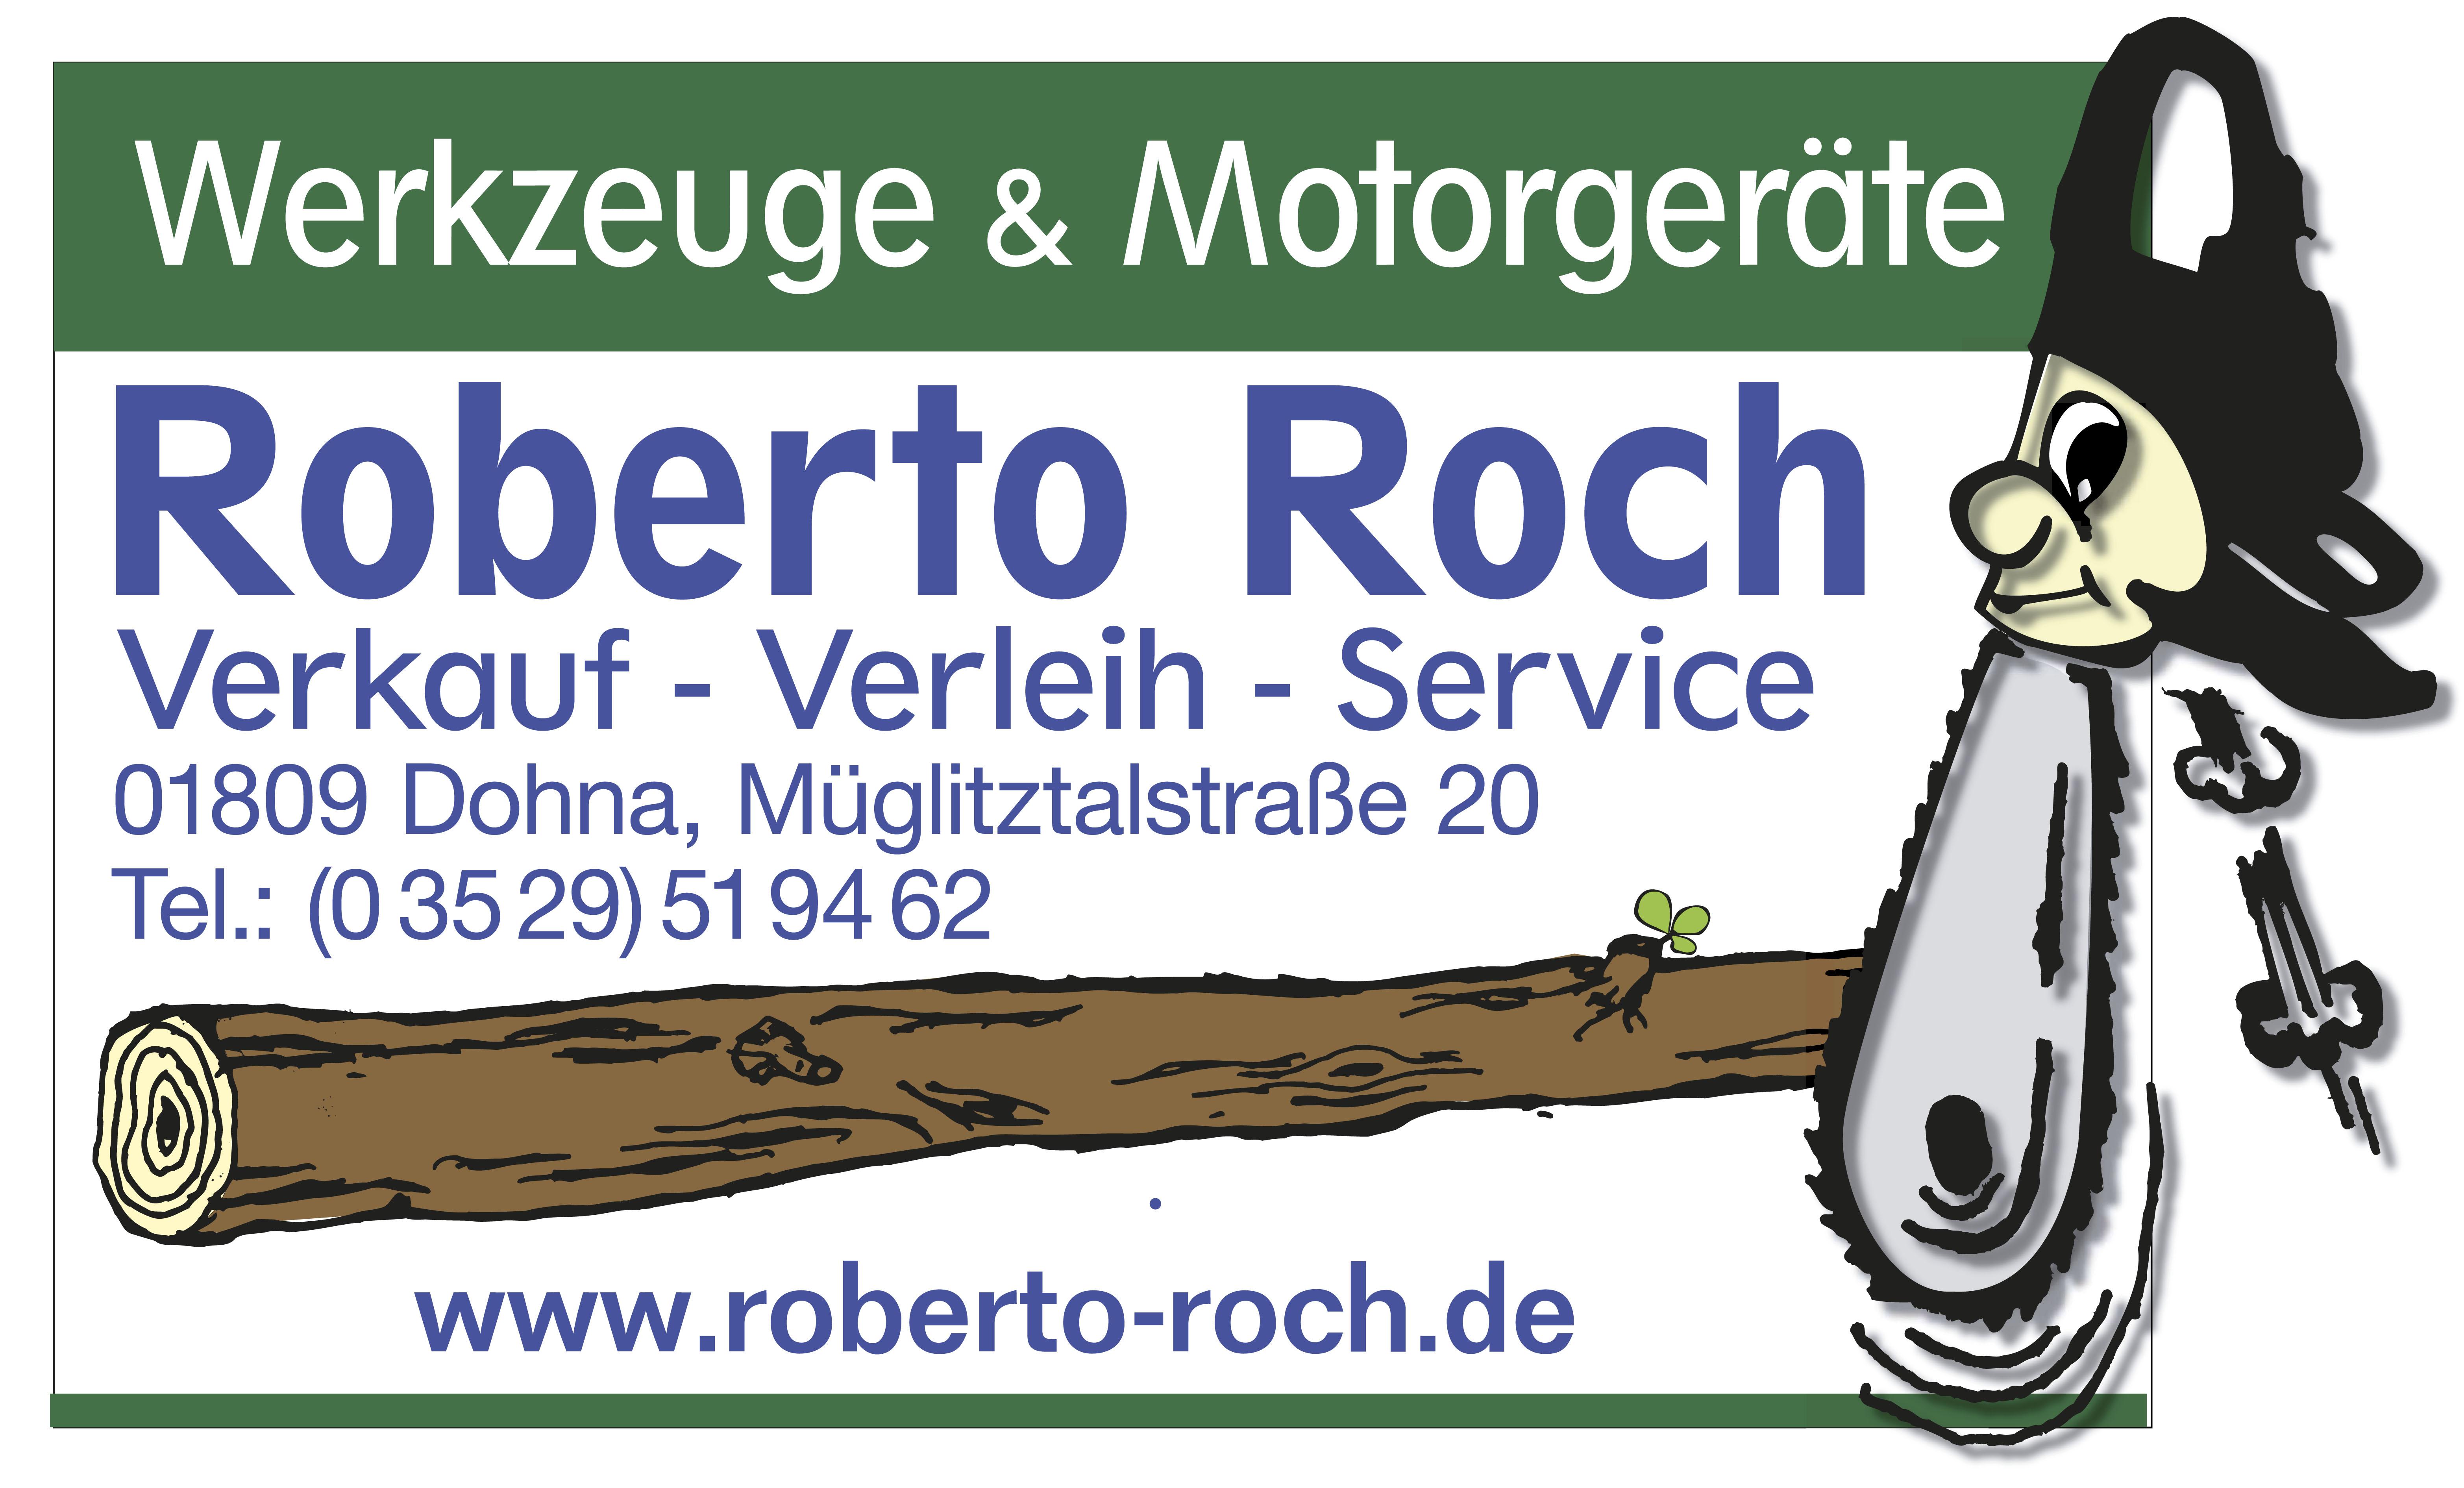 roberto roch in dohna branchenbuch deutschland. Black Bedroom Furniture Sets. Home Design Ideas